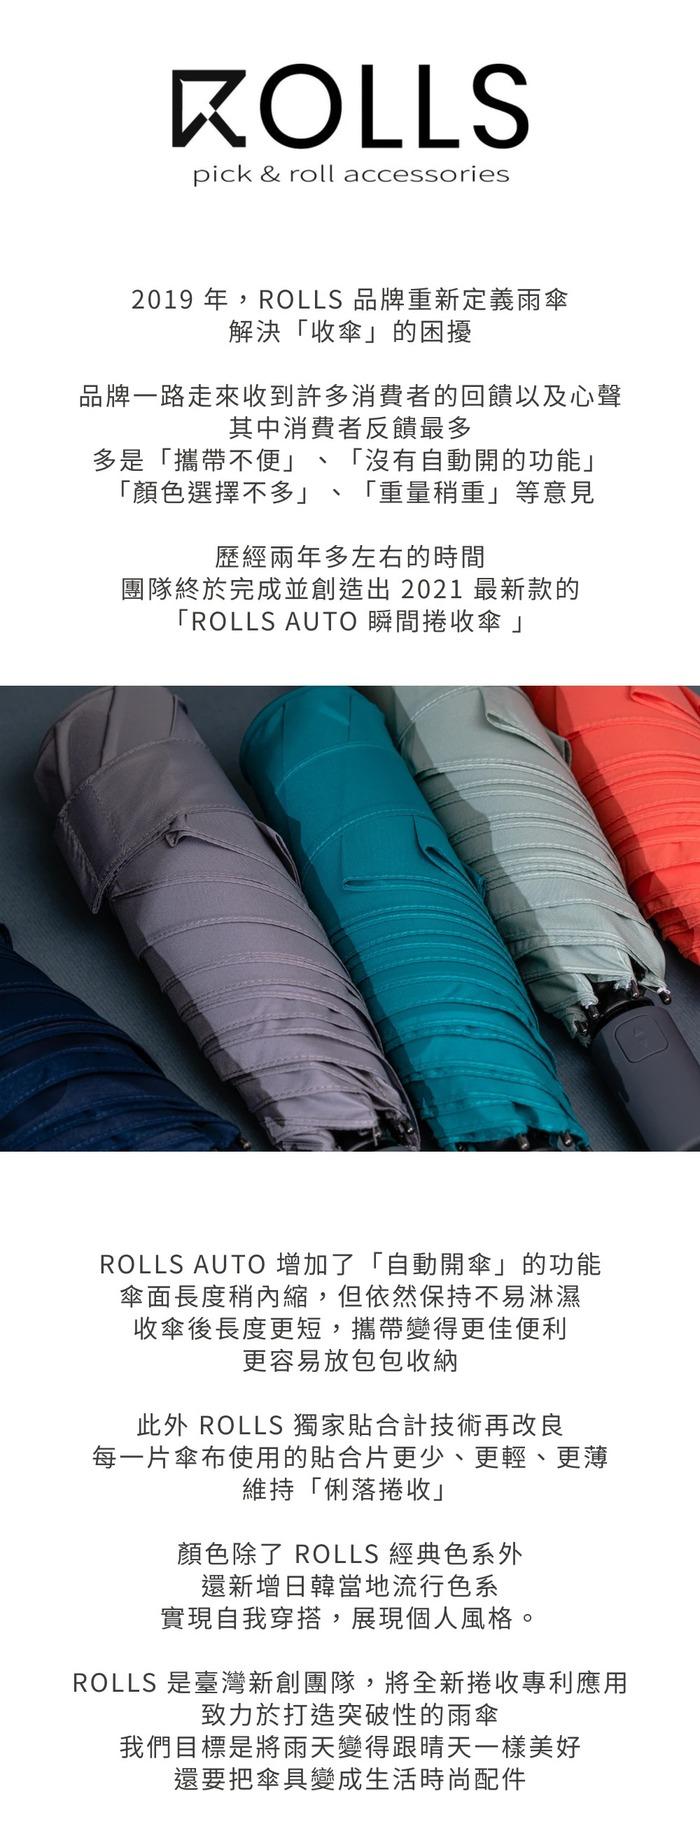 ROLLS AUTO 瞬間捲收雨傘|自動開收